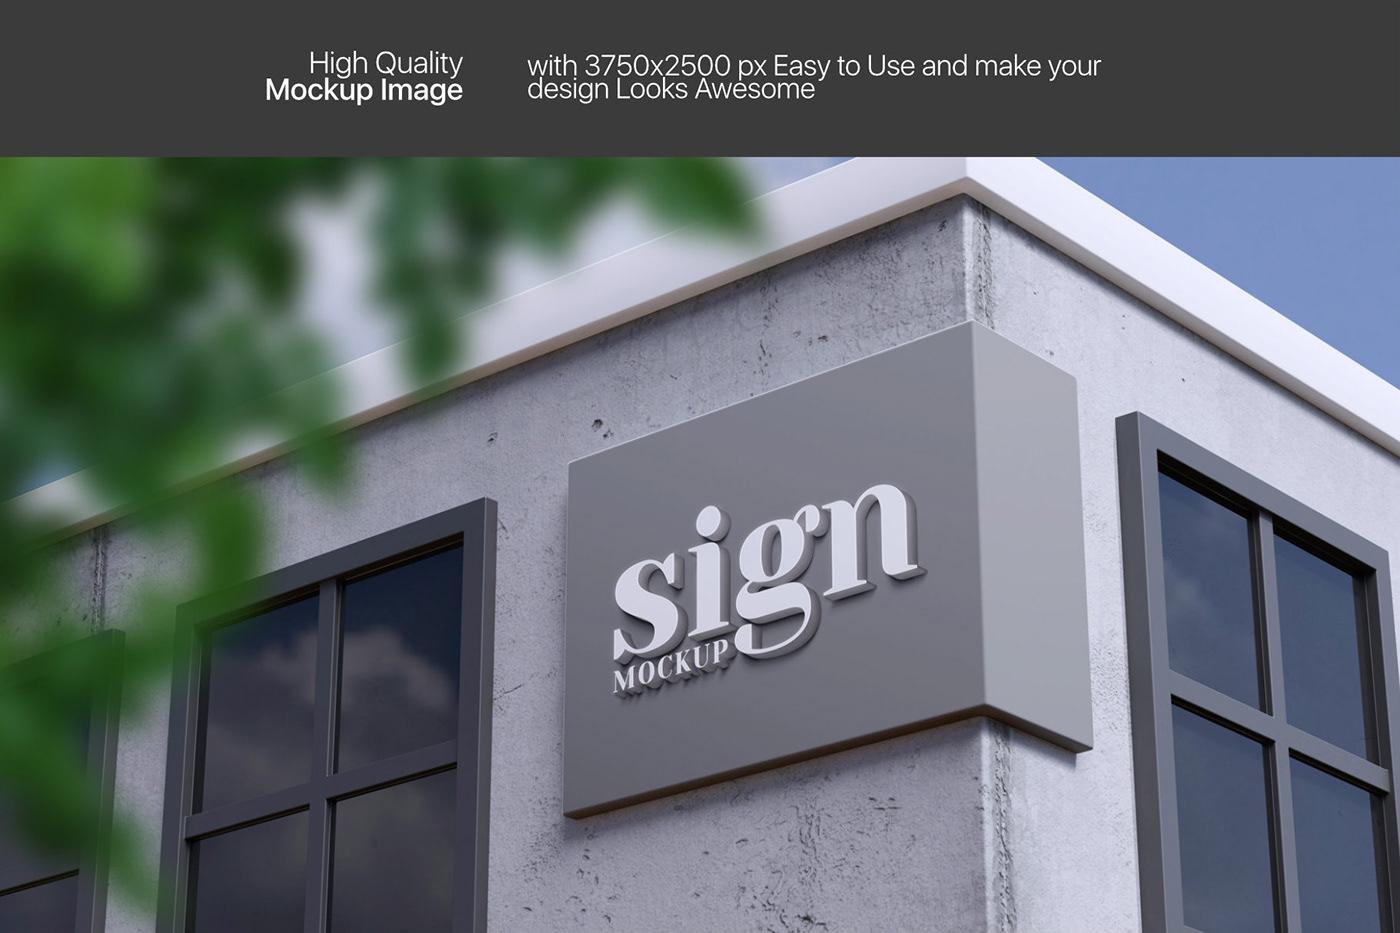 10个3D立体徽标标牌设计展示样机模板 3D Logo & Sign Mockup插图3